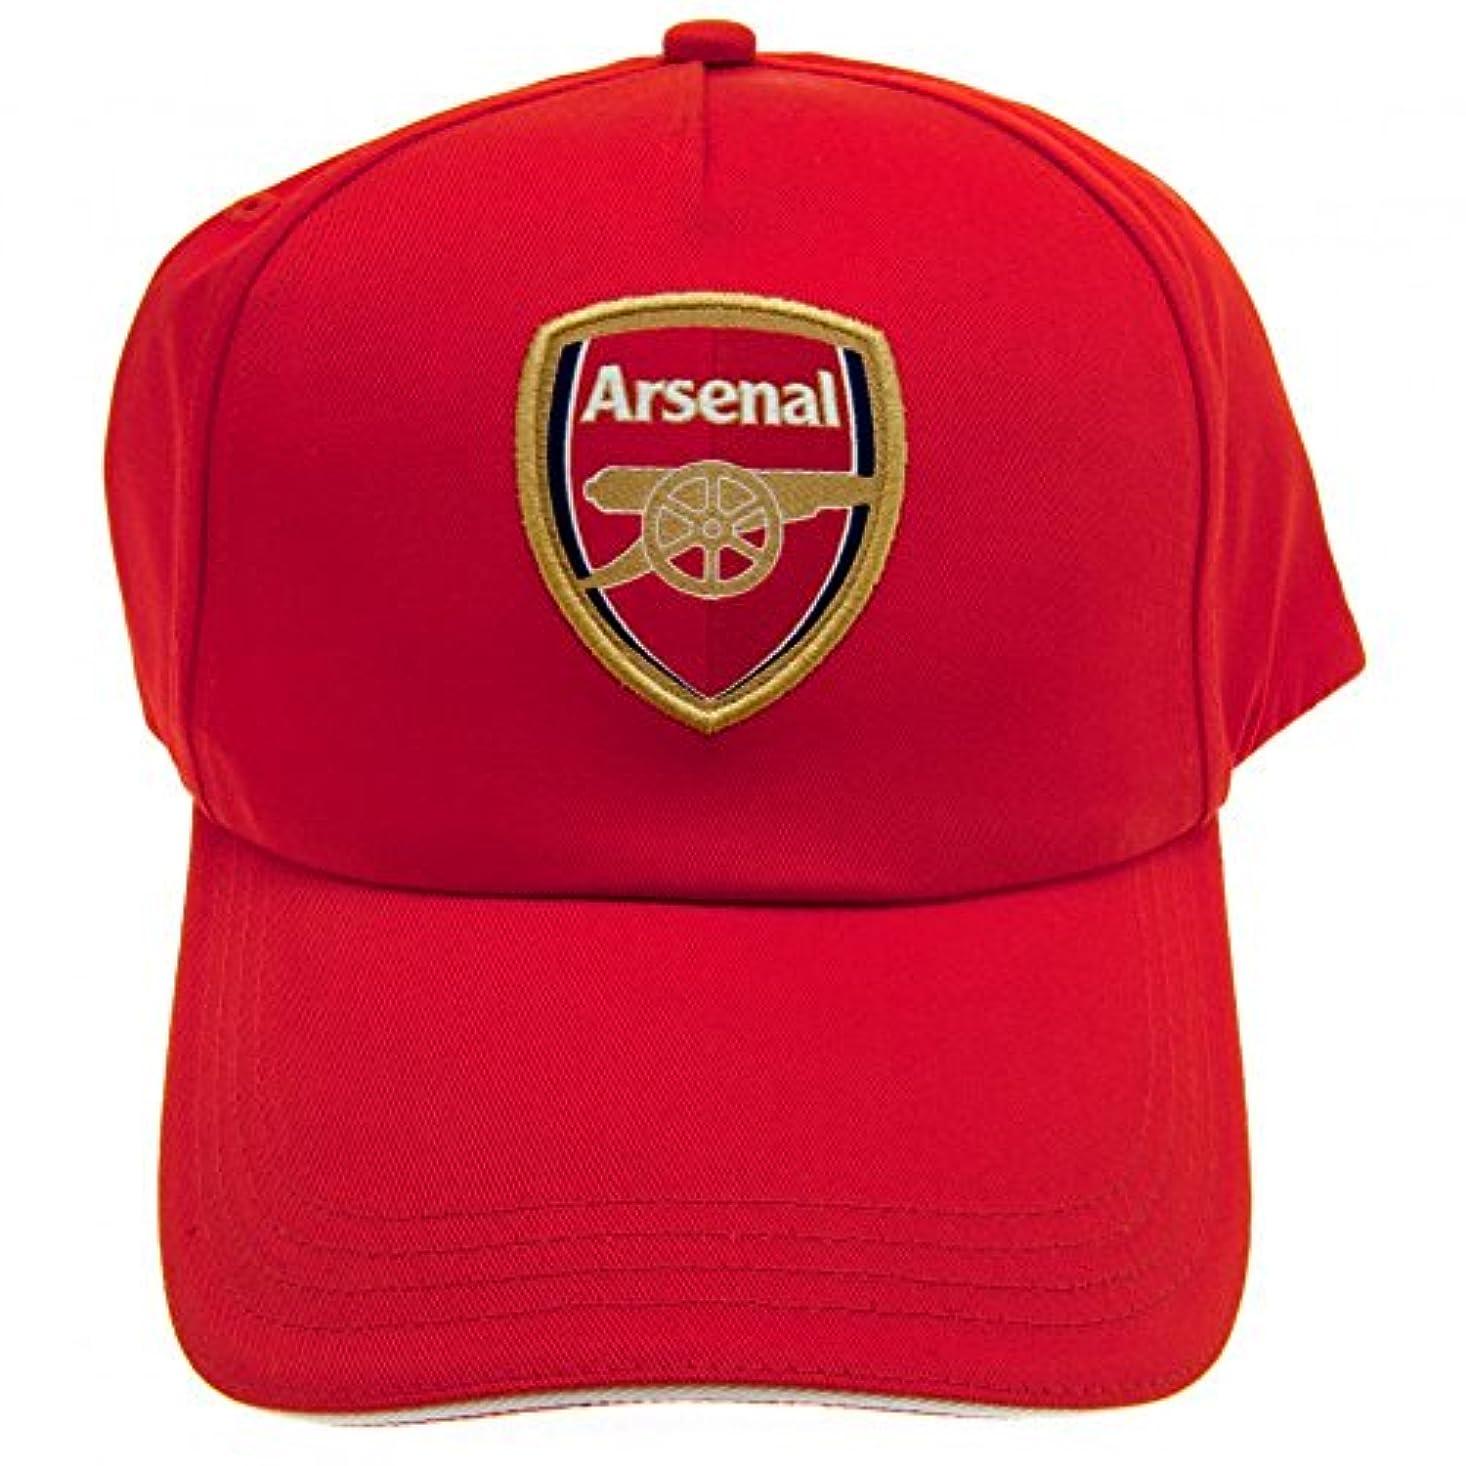 苛性実証する農夫Arsenal F.C. Cap RD / アーセナル F.C. キャップ RD / 帽子